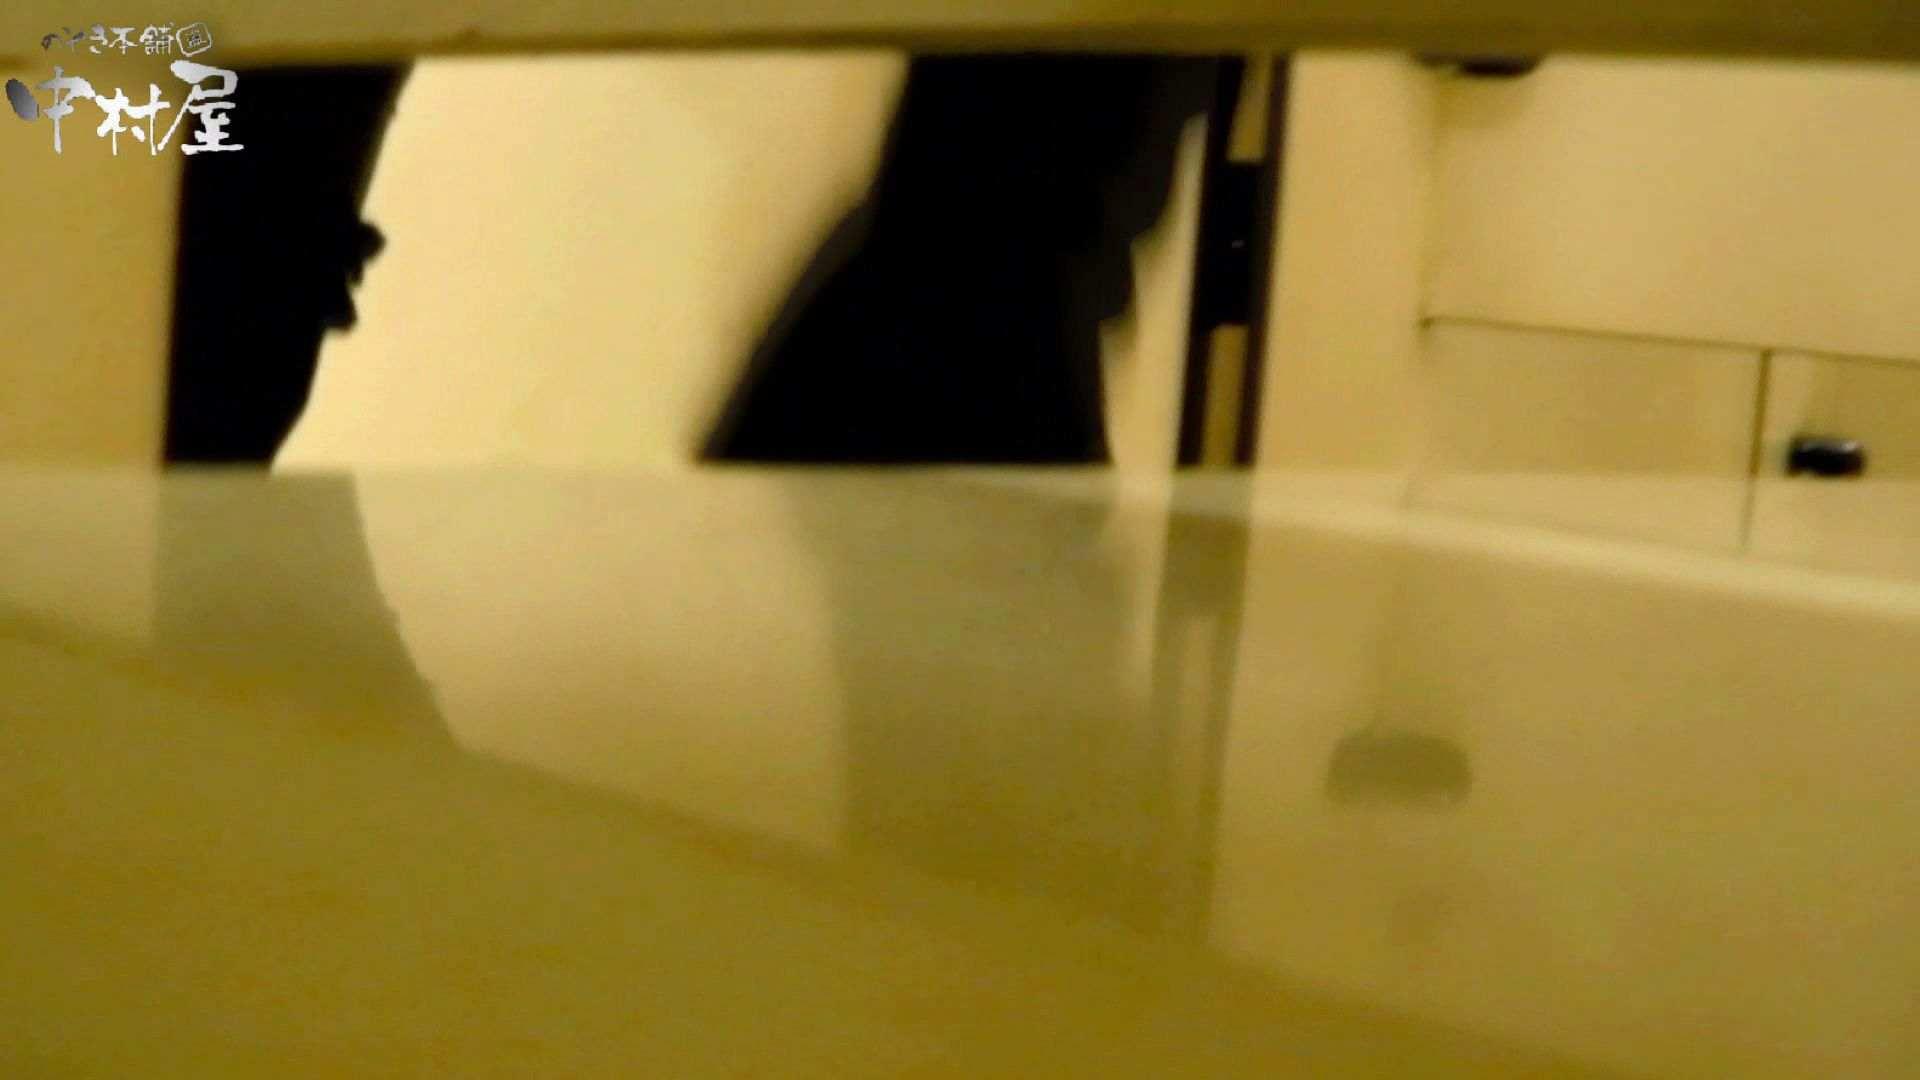 新世界の射窓 No72 モデル級なら個室から飛び出て追っかけます 洗面所 ヌード画像 56連発 34